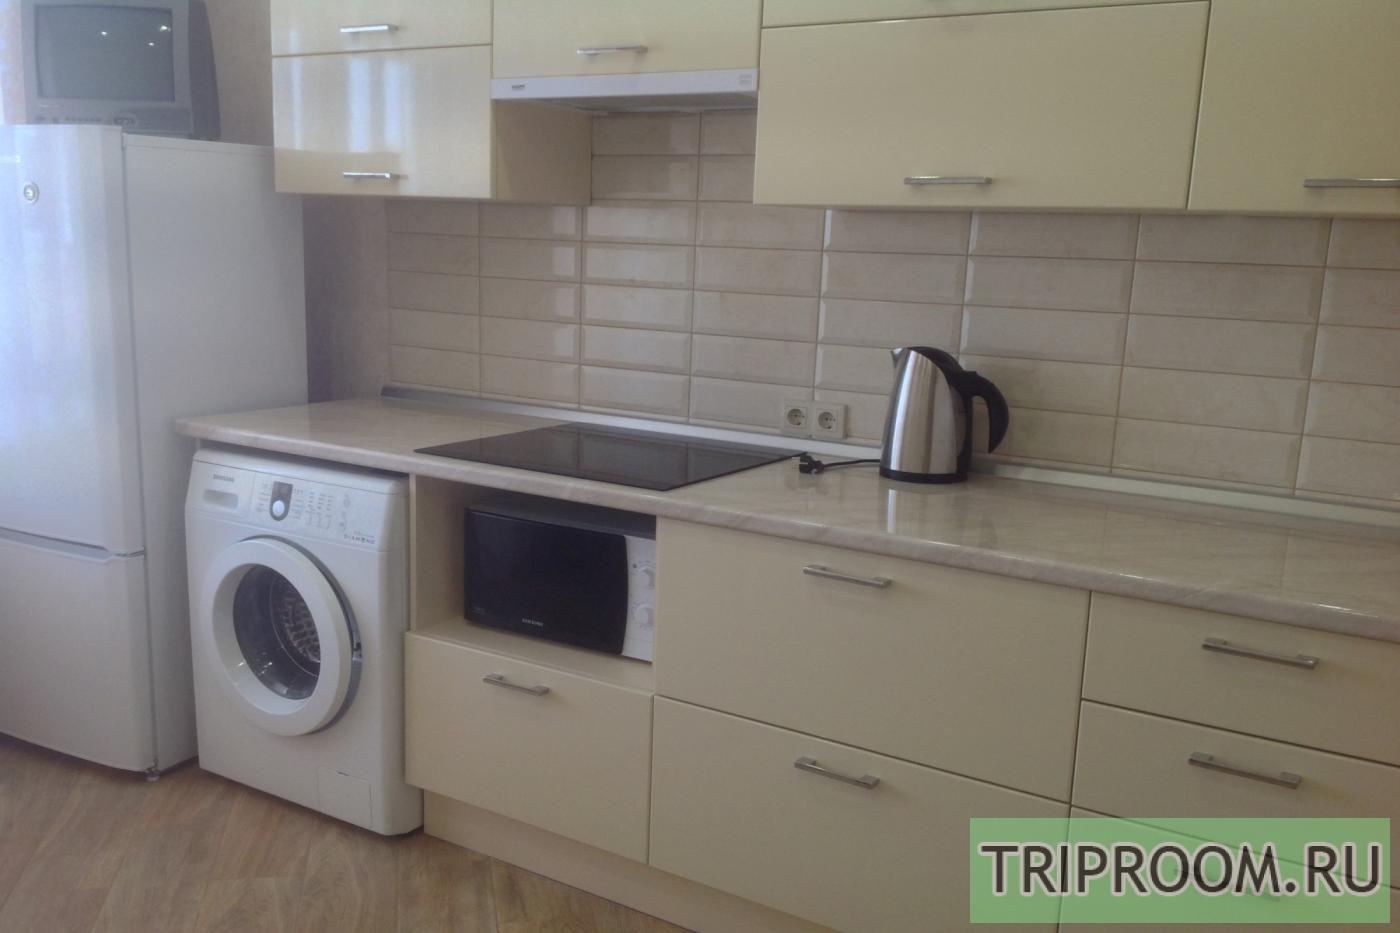 1-комнатная квартира посуточно (вариант № 29228), ул. Ново-Садовая улица, фото № 11